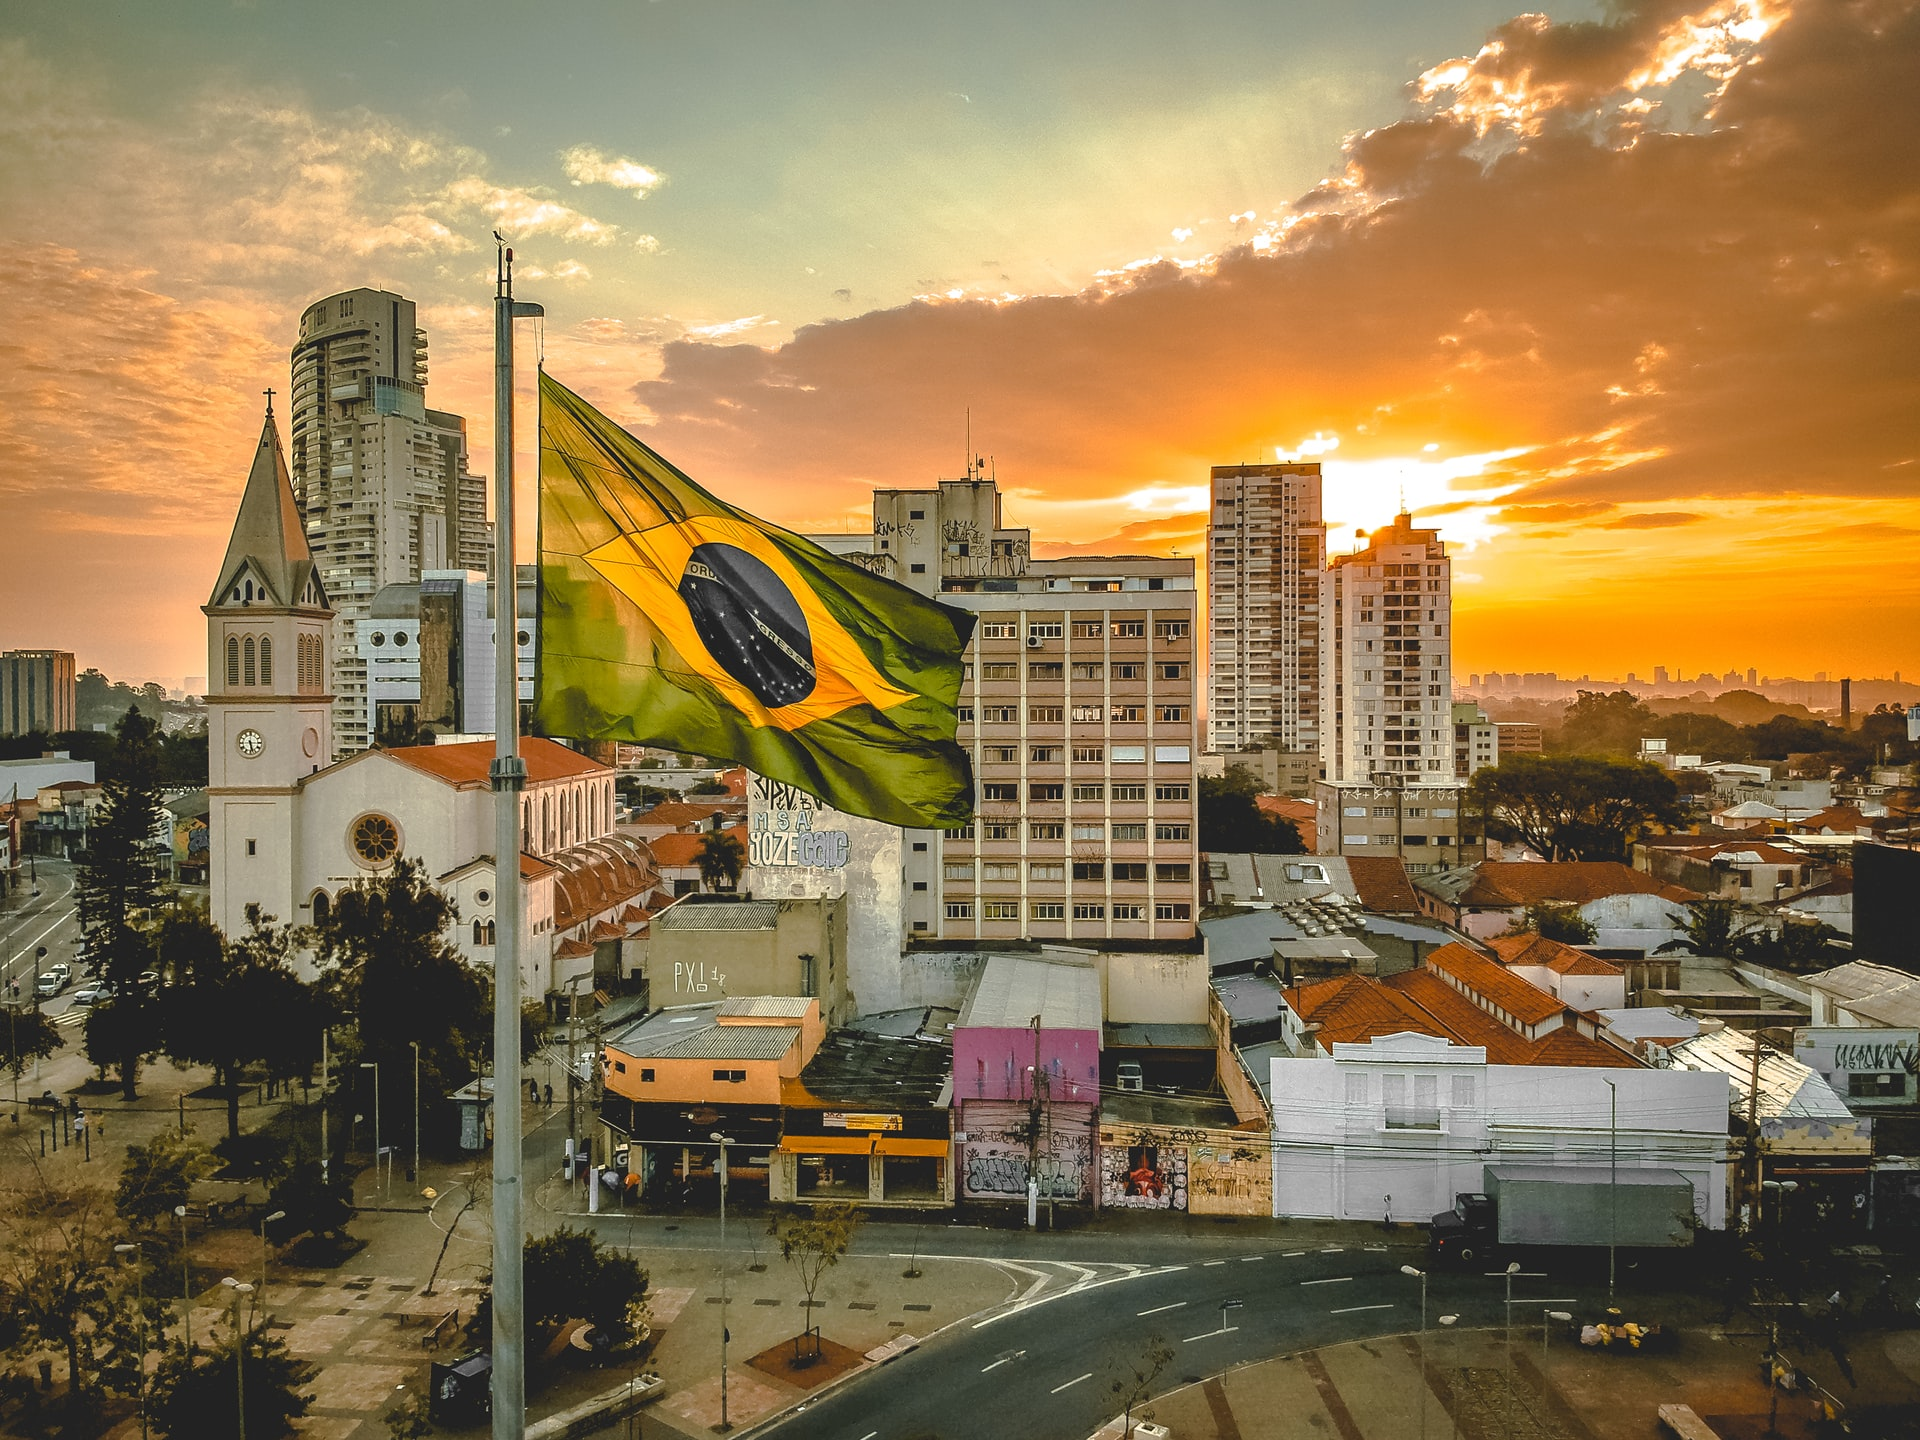 Coucher de soleil au Brésil, avec le drapeau brésilien au premier plan